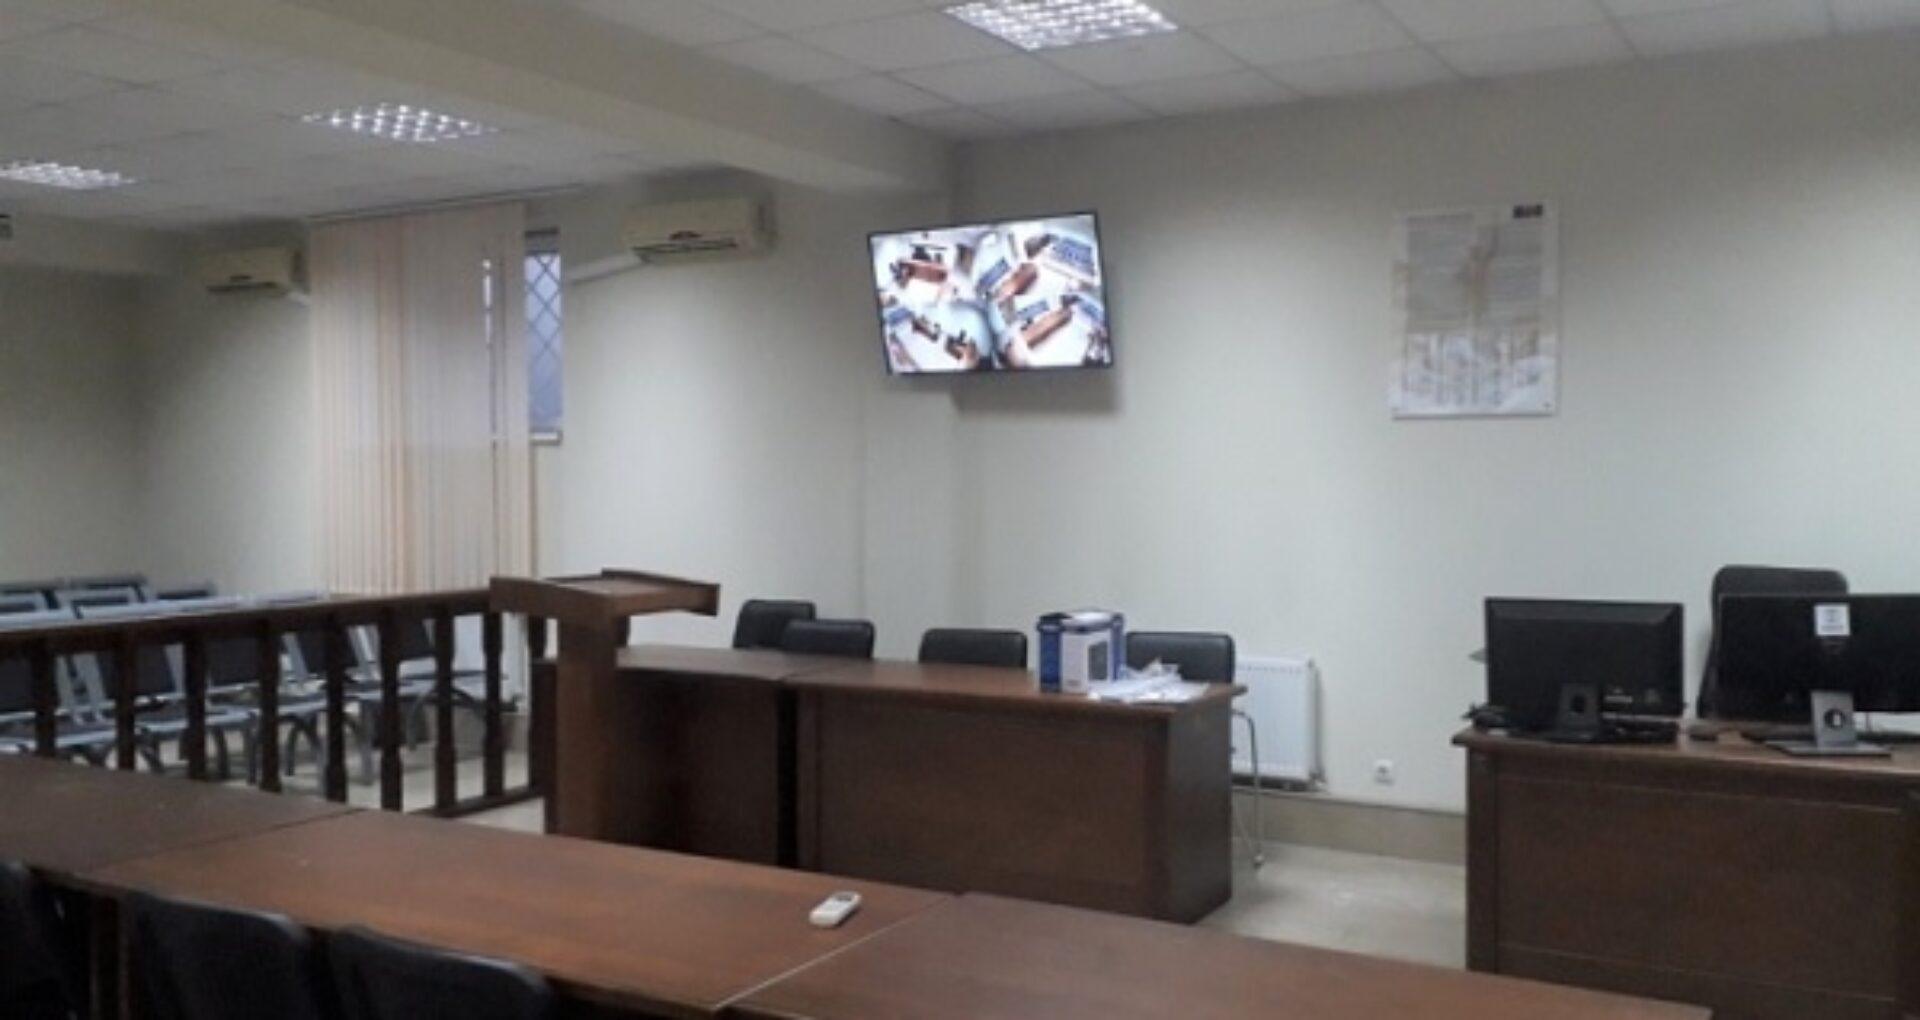 Încă 25 de echipamente de videoconferință, donate de USAID, pentru a susține eforturile de modernizare a instanțelor judecătorești din R. Moldova